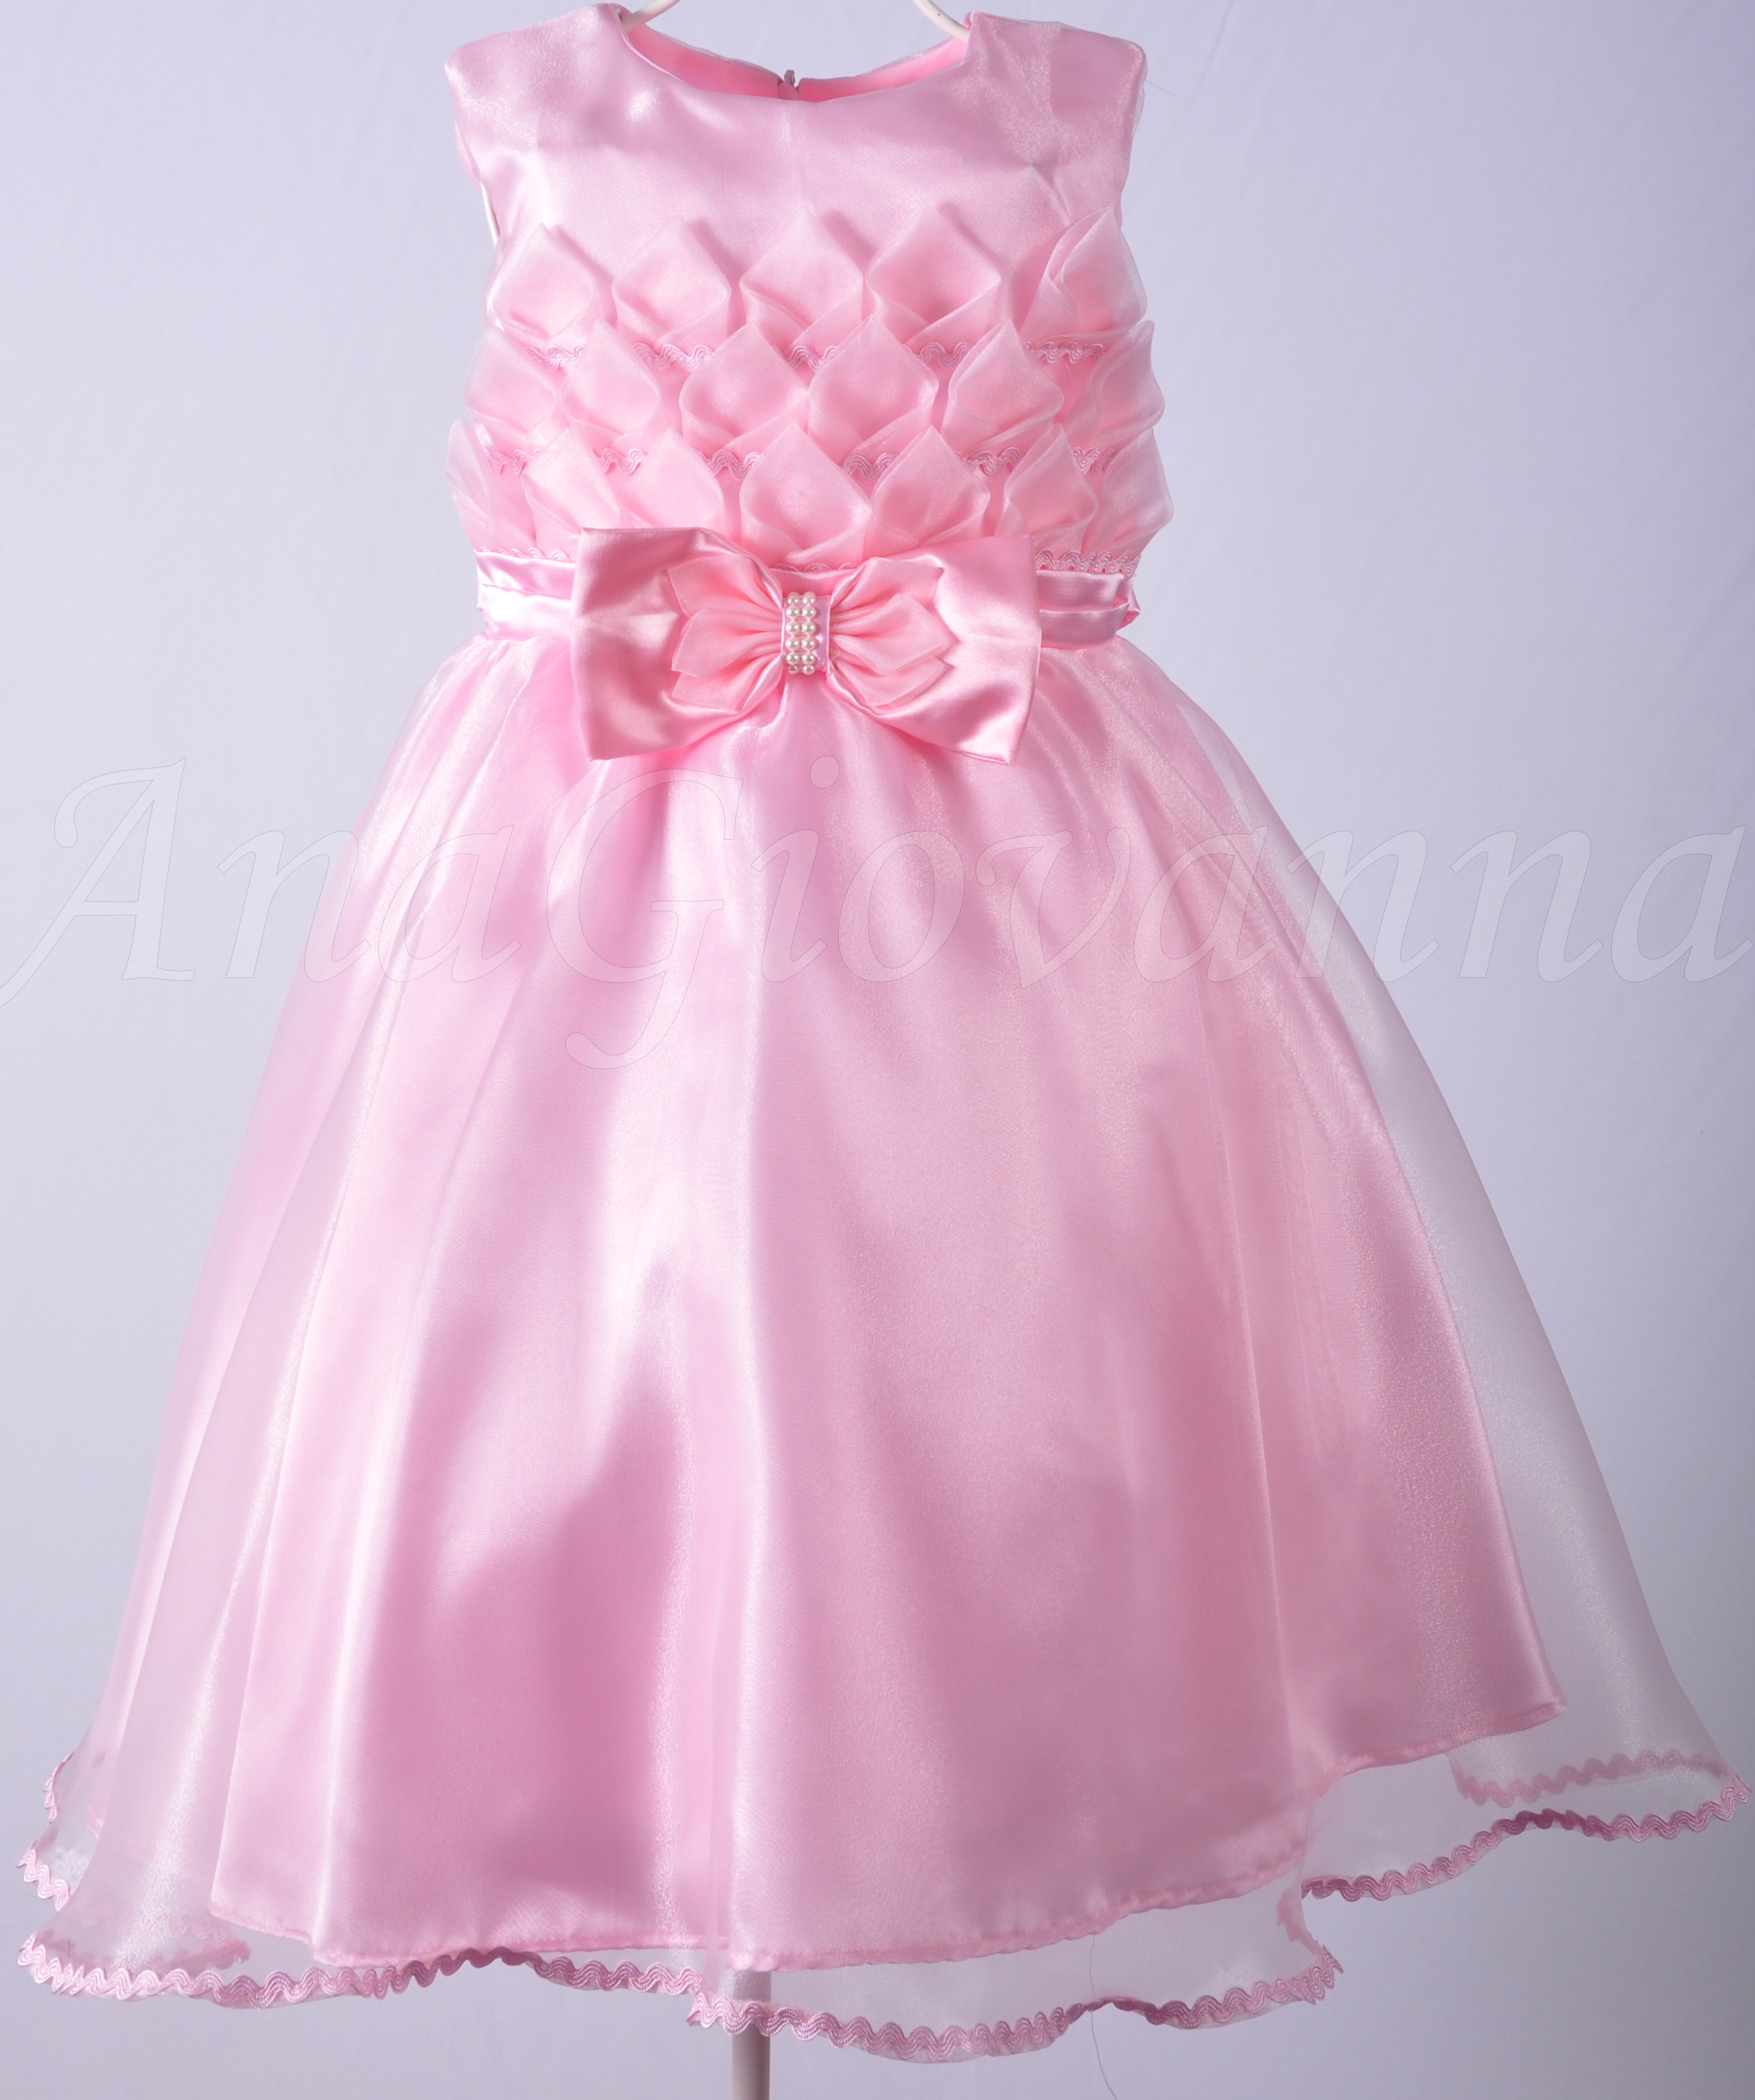 a1eb324673 Vestido Infantil Princesa Rosa no Elo7